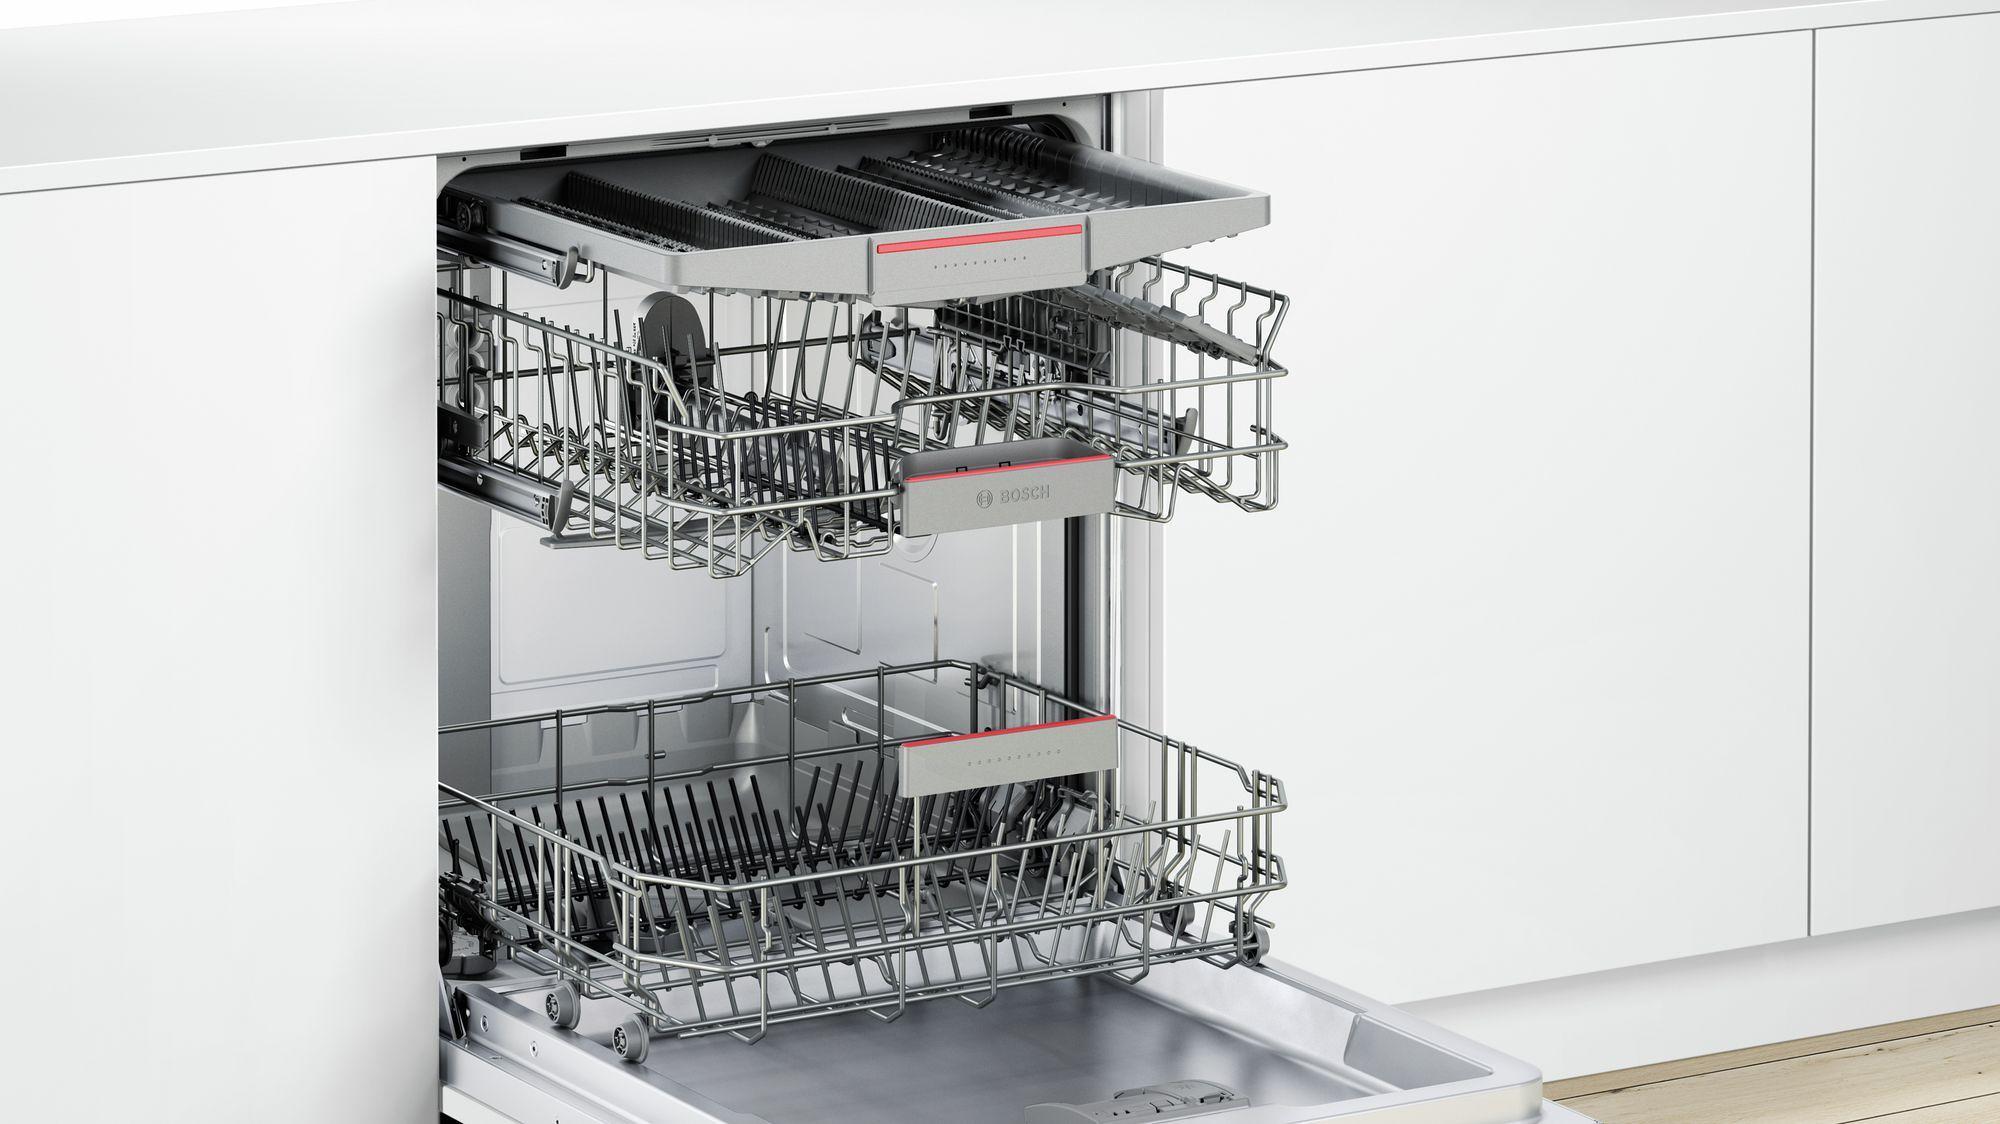 Bosch Kühlschrank Unterbaufähig : Bosch smu ks e a unterbau geschirrspüler cm breit